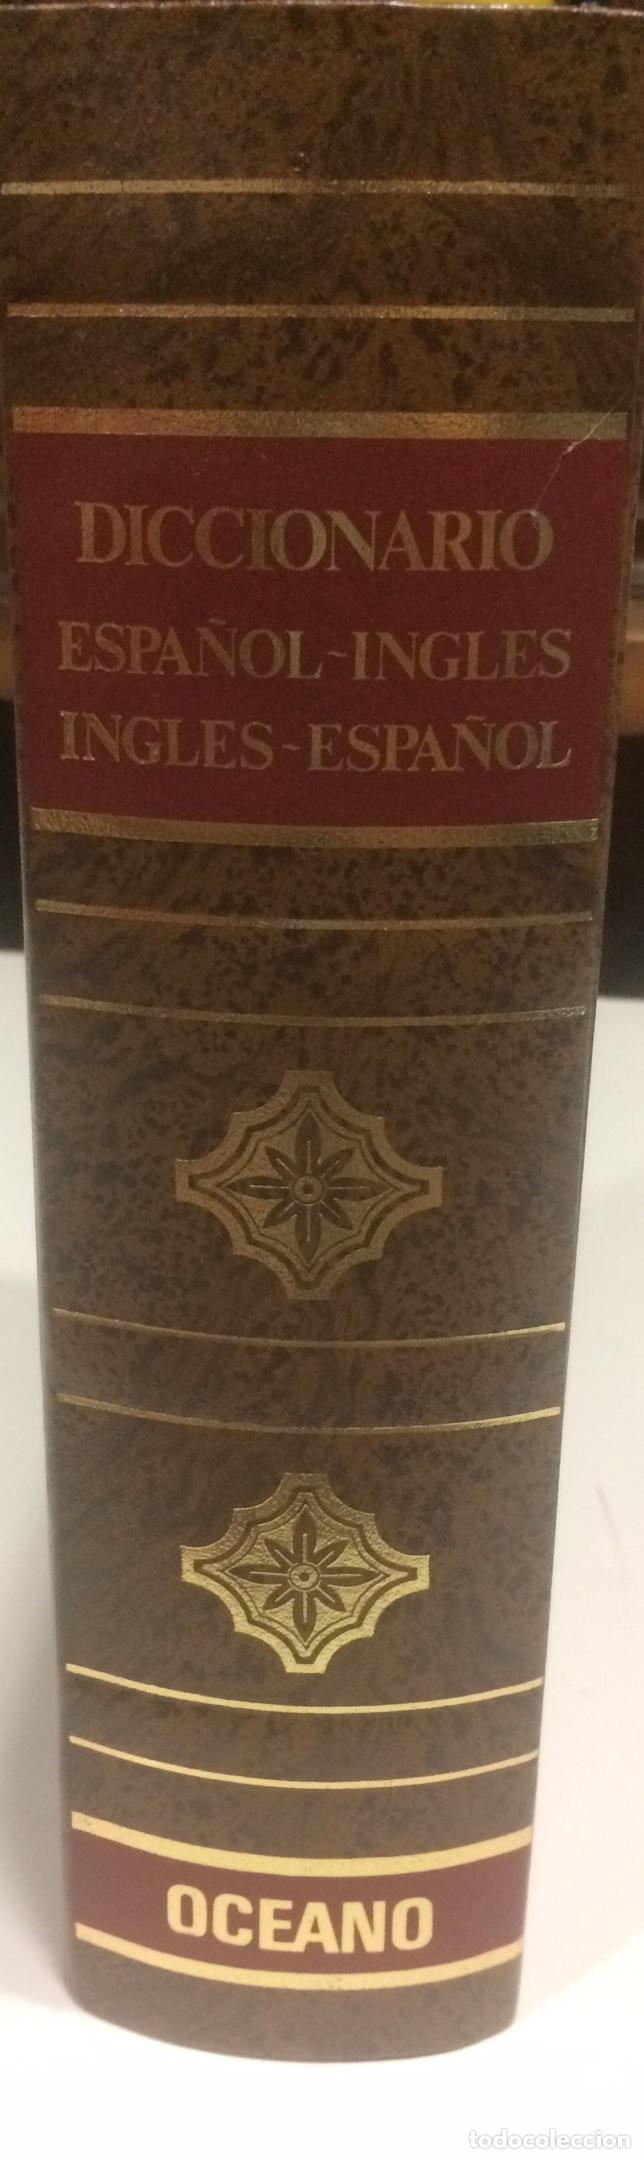 DICCIONARIO ESPAÑOL-INGLES INGLES-ESPAÑOL OCEANO (Libros de Segunda Mano - Diccionarios)